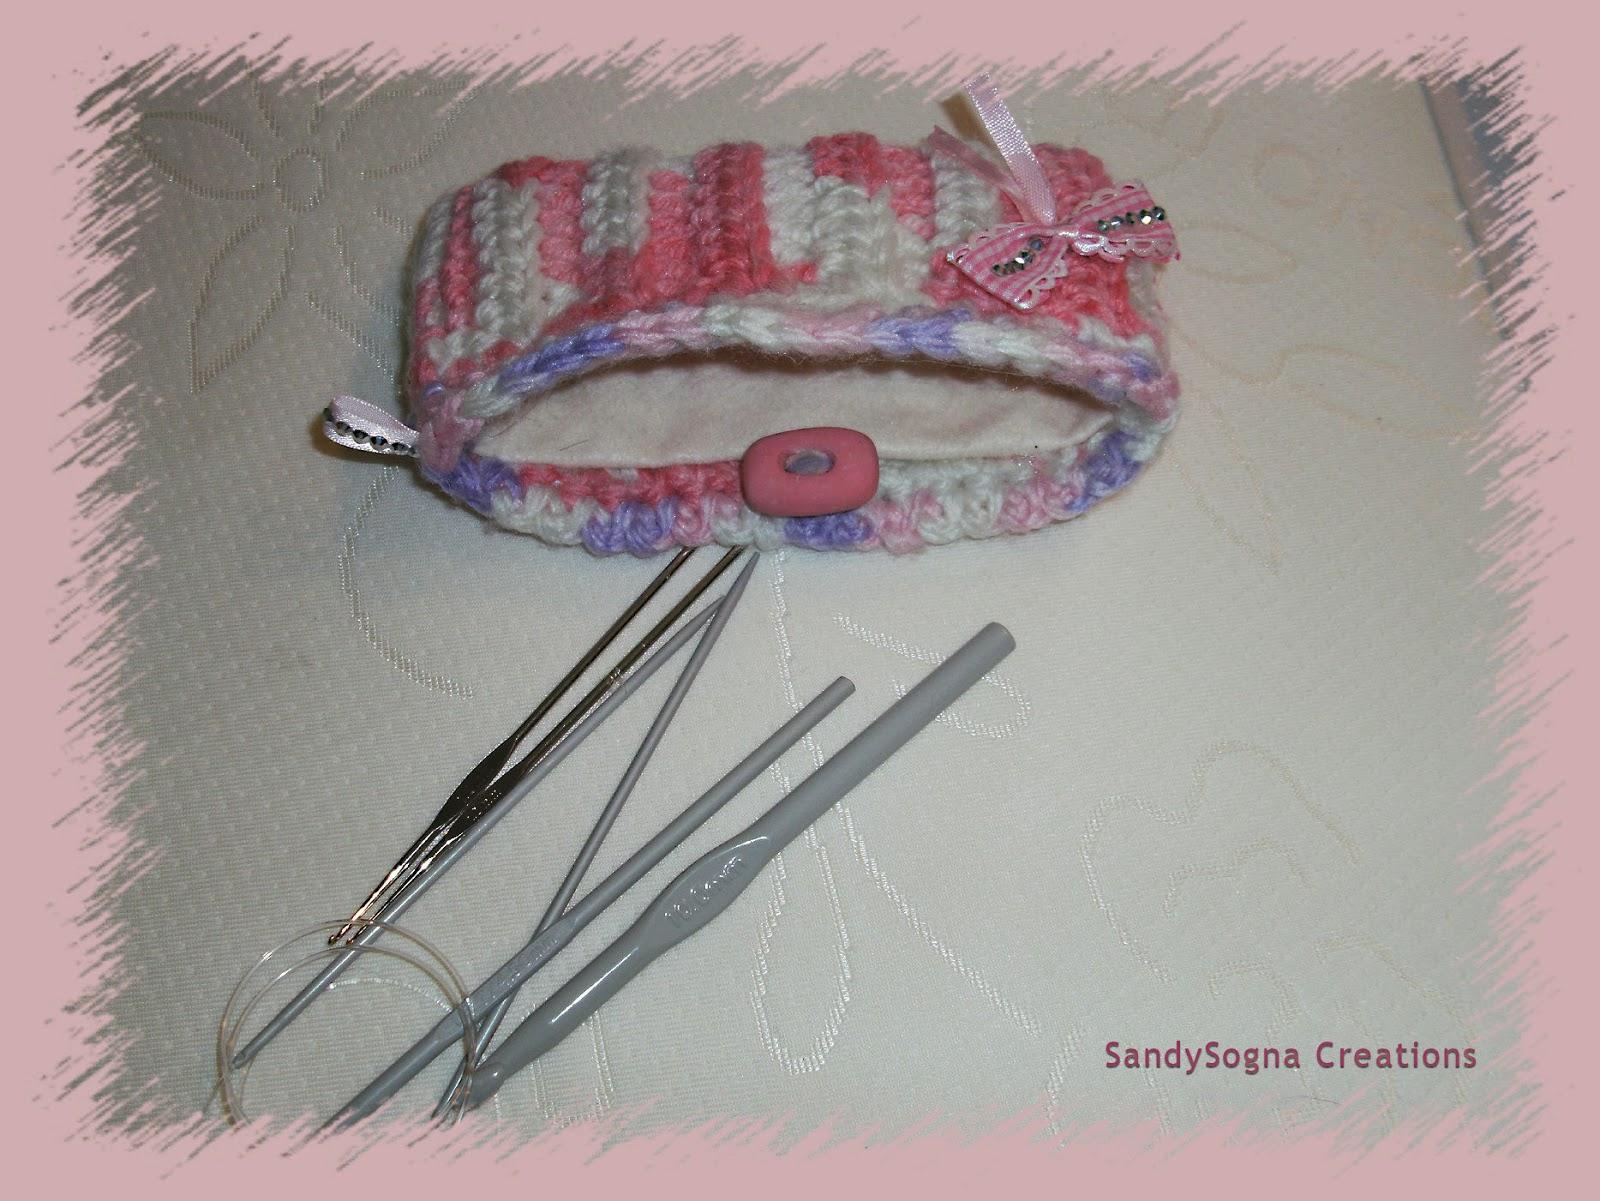 Pochette porta uncinetti con lana in esubero. Aggiornamento set completo POCHETTE1